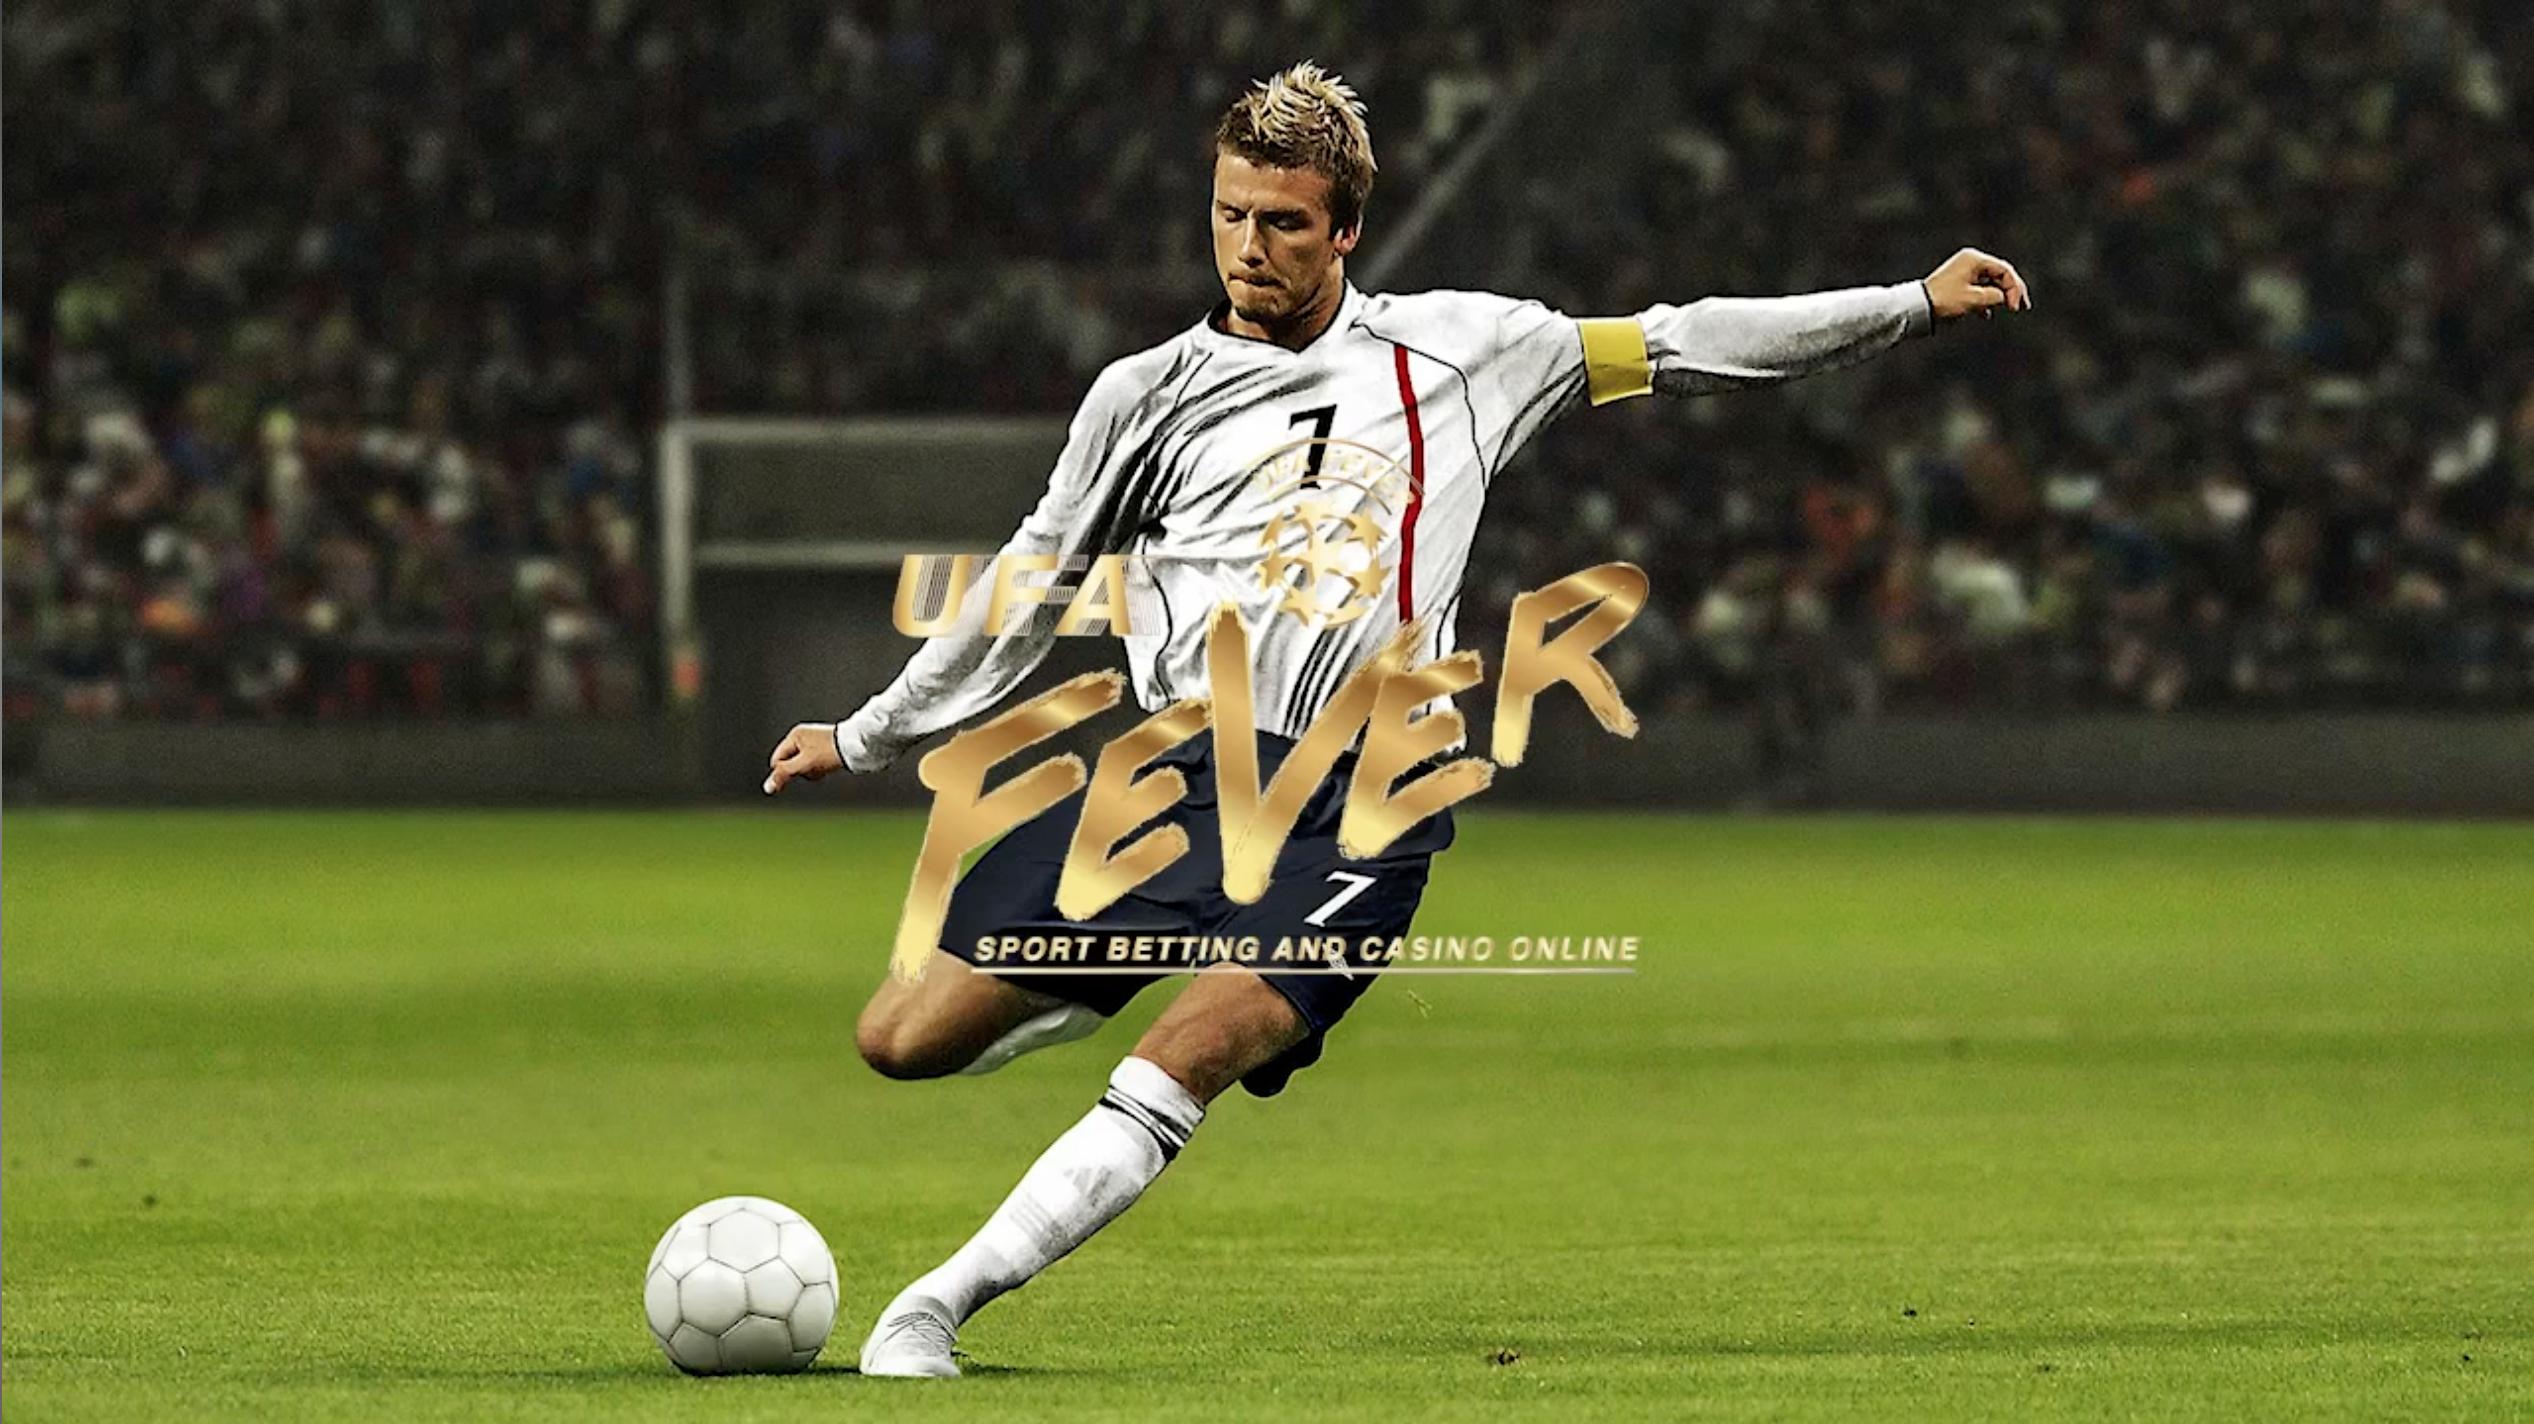 สุดยอดลูกยิงฟรีคิก David Beckham